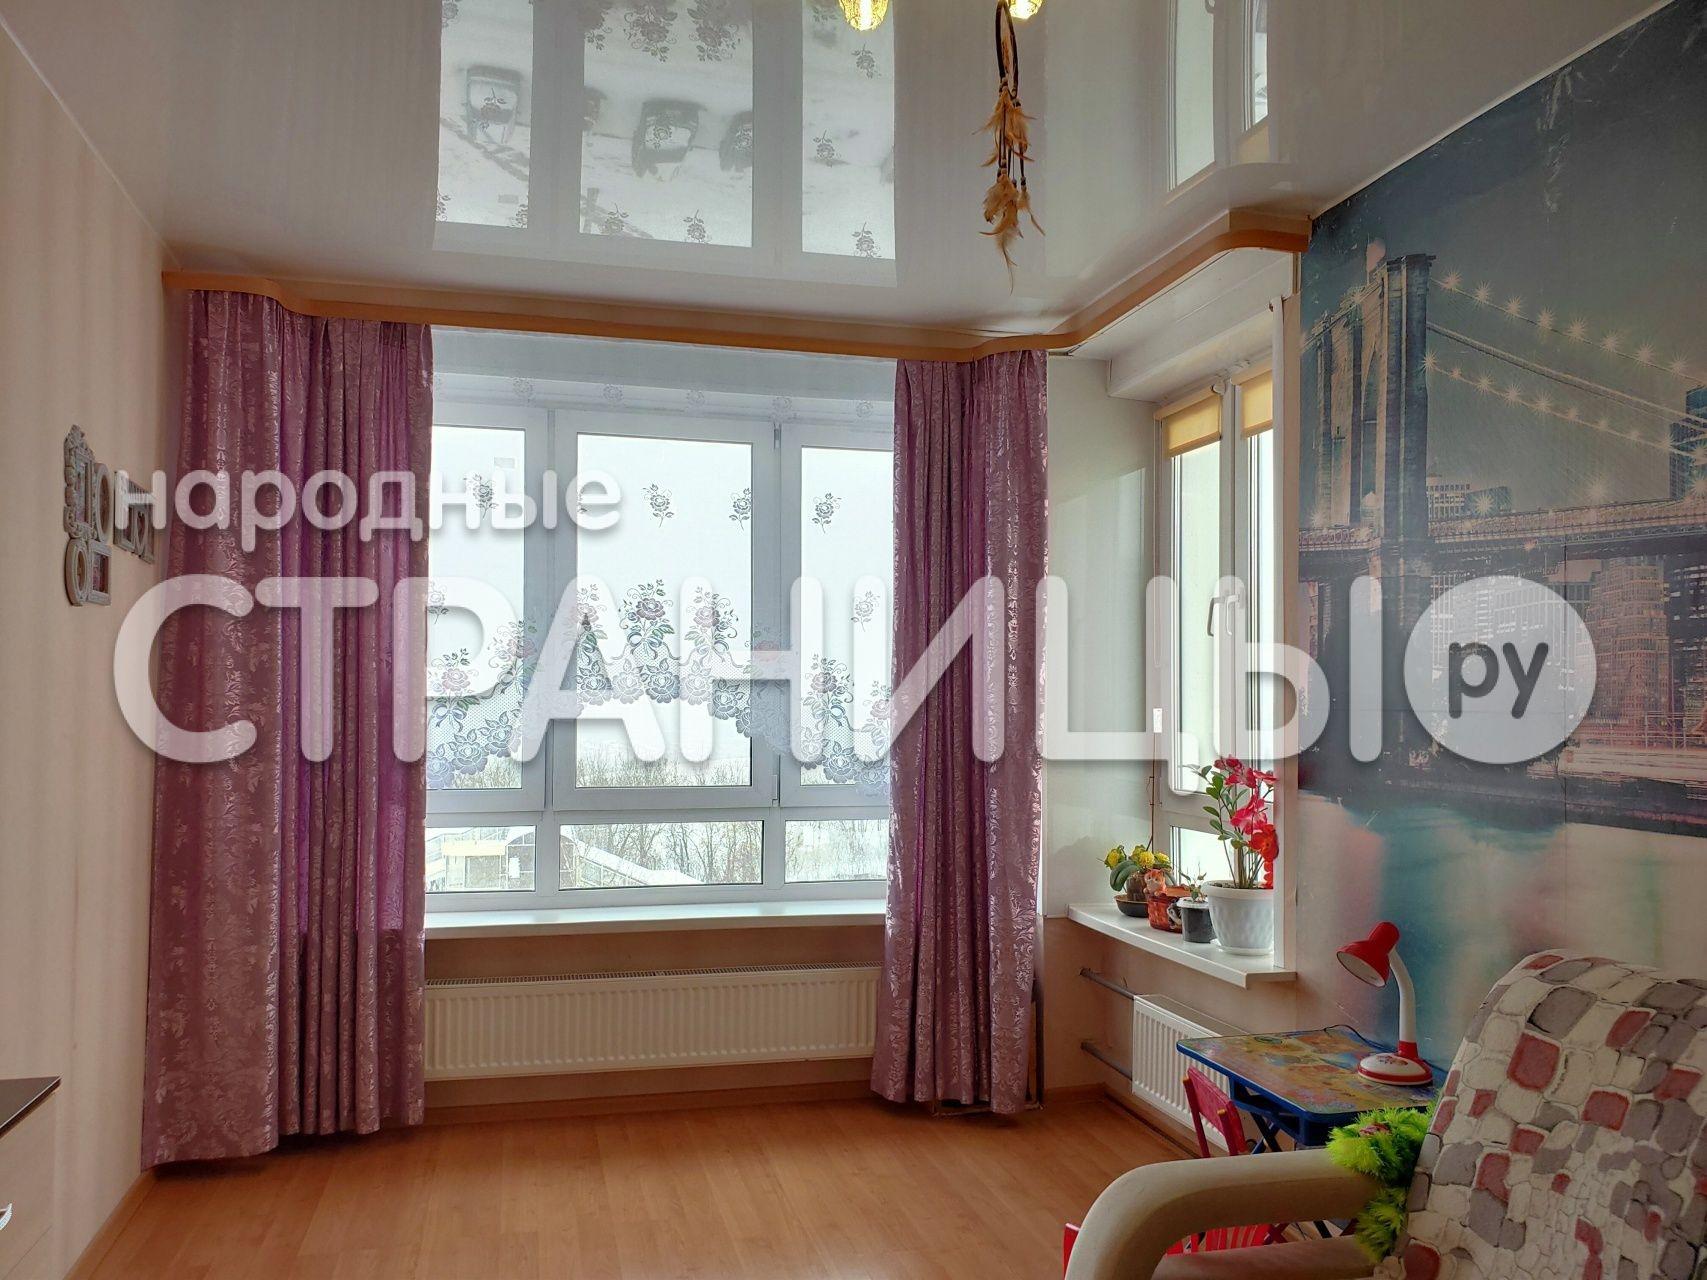 2-комнатная квартира, 54.0 м²,  6/17 эт. Монолитный дом, Вторичное жилье